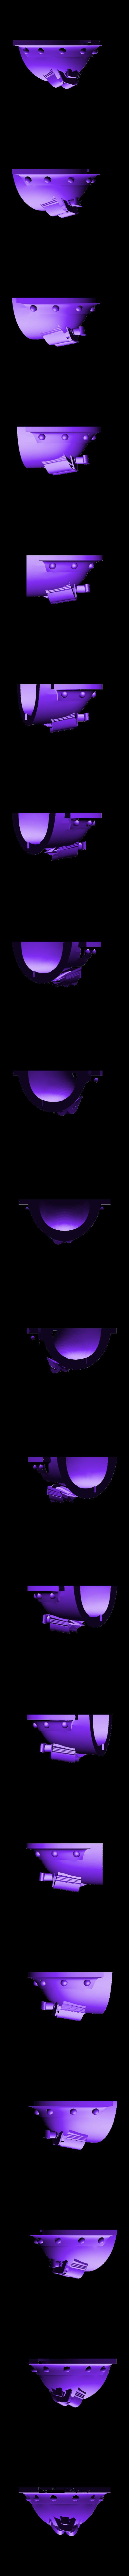 Shoulder 10.stl Télécharger fichier STL gratuit L'équipe des Chevaliers gris Primaris • Modèle pour imprimante 3D, joeldawson93